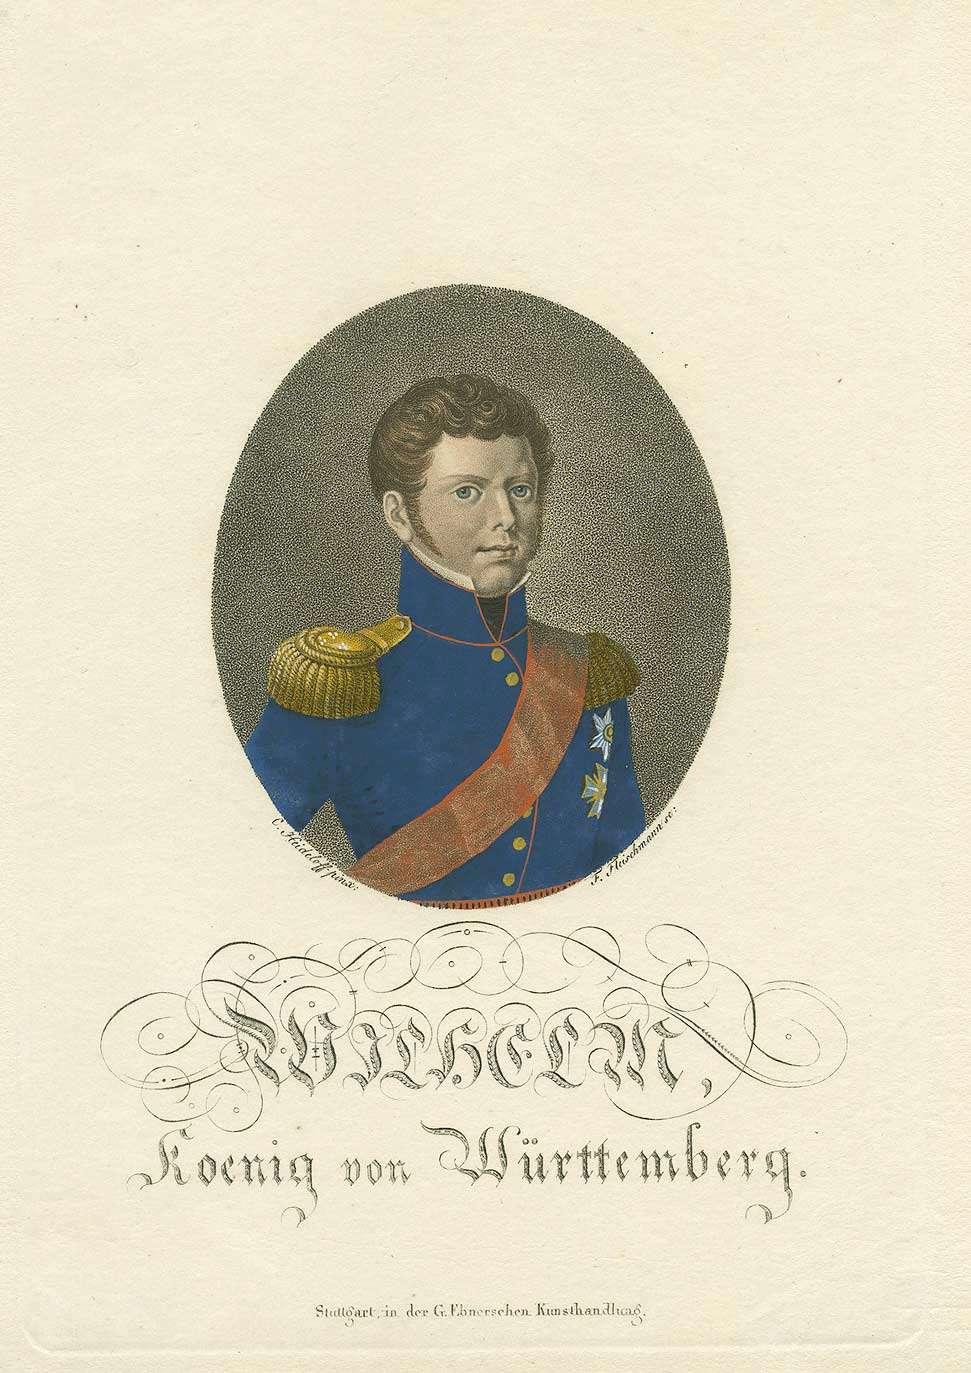 Wilhelm I., König von Württemberg (1781- 1864) in Uniform mit Orden und Schärpe, Brustbild in Halbprofil, Bild 1